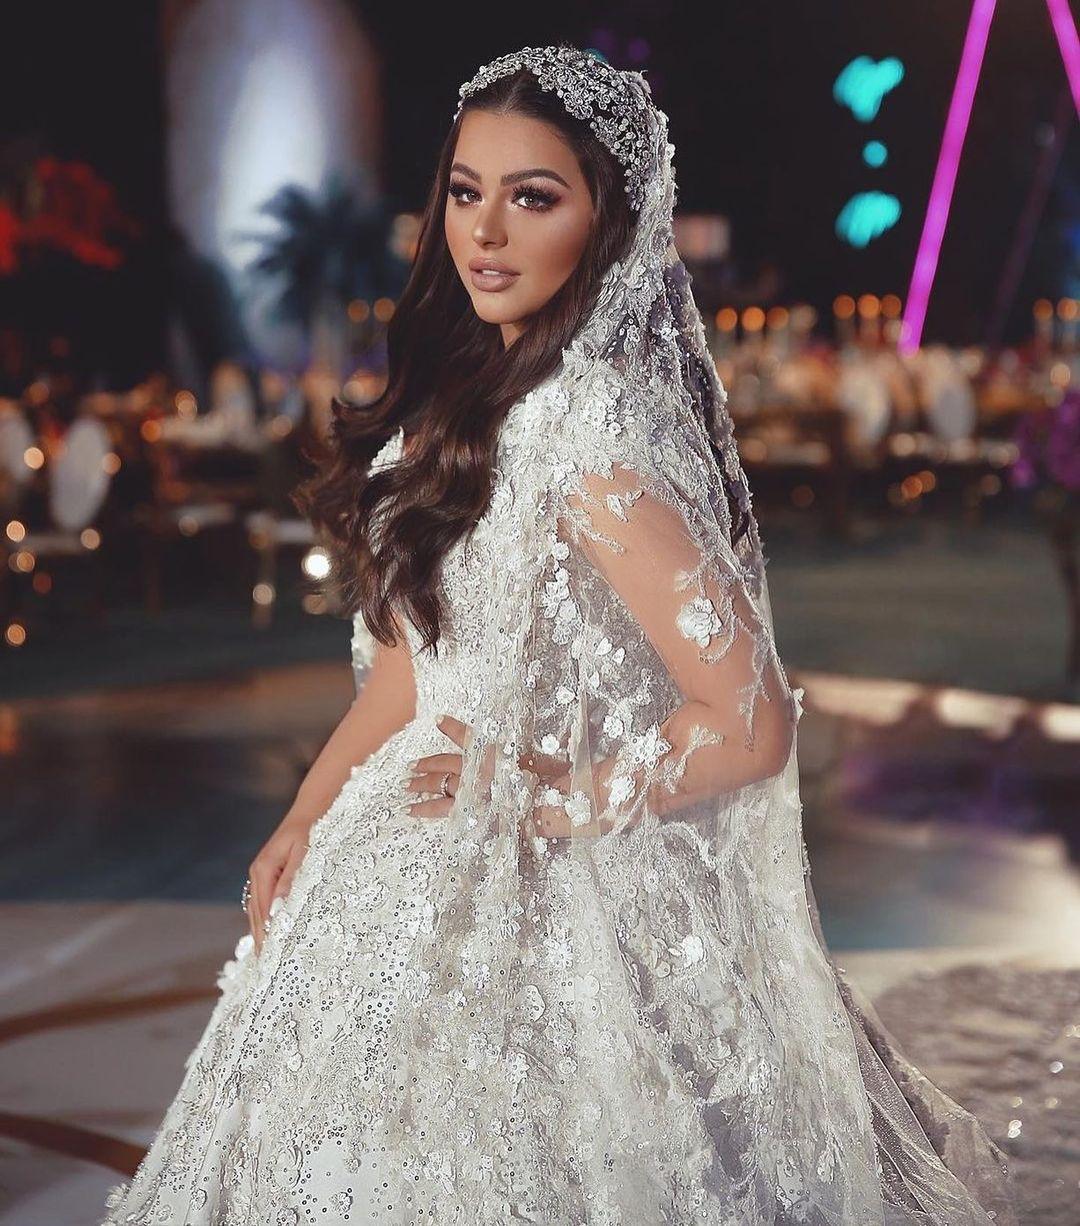 زفاف هنادي مهنا وأحمد صالح وهذه تفاصيل إطلالة العروس